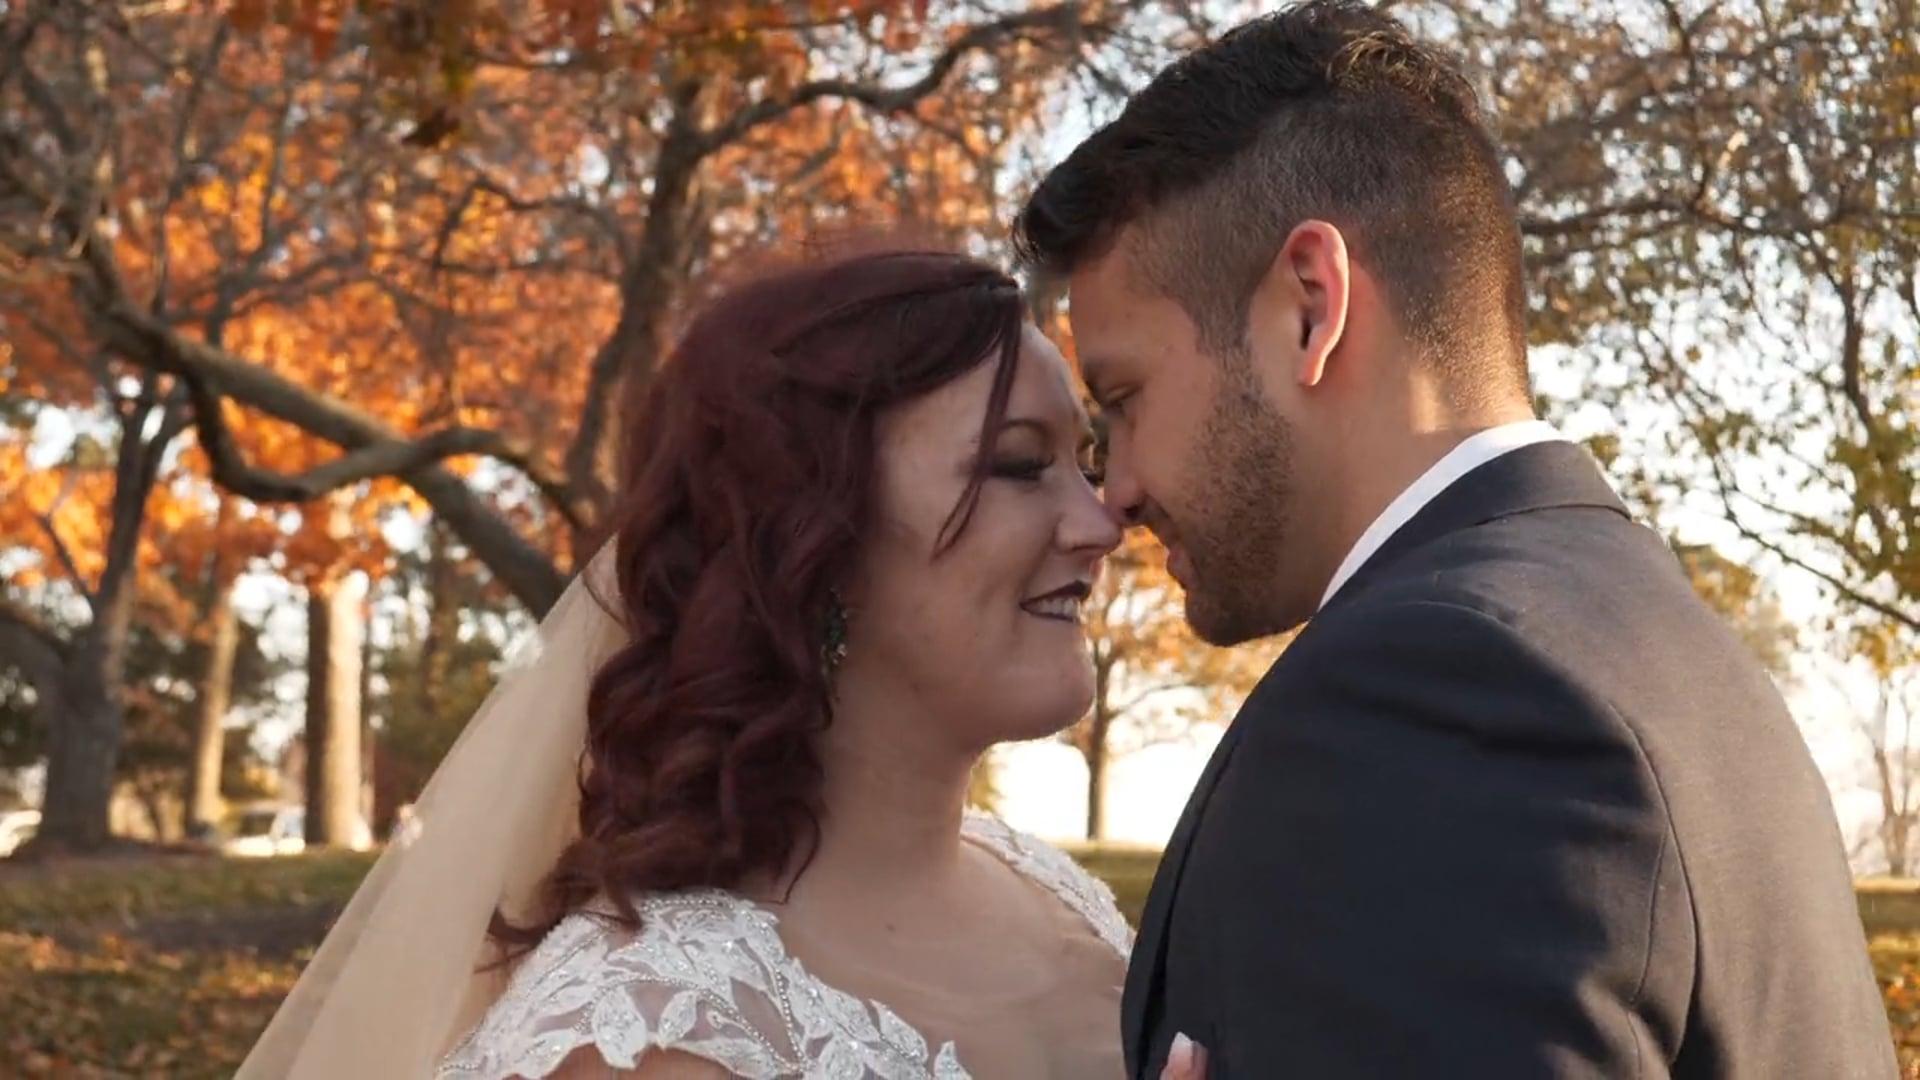 Matt & Kelli Kirmse Wedding Film 2020